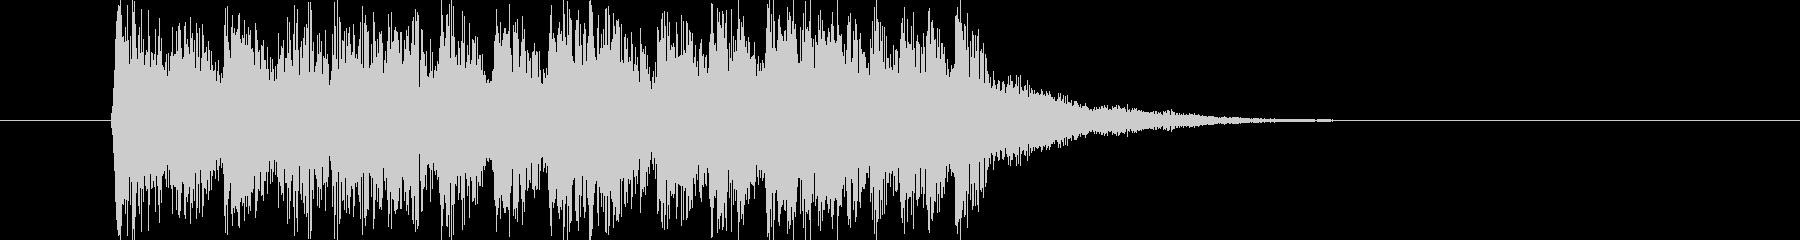 ドキドキと煌きのジングルの未再生の波形